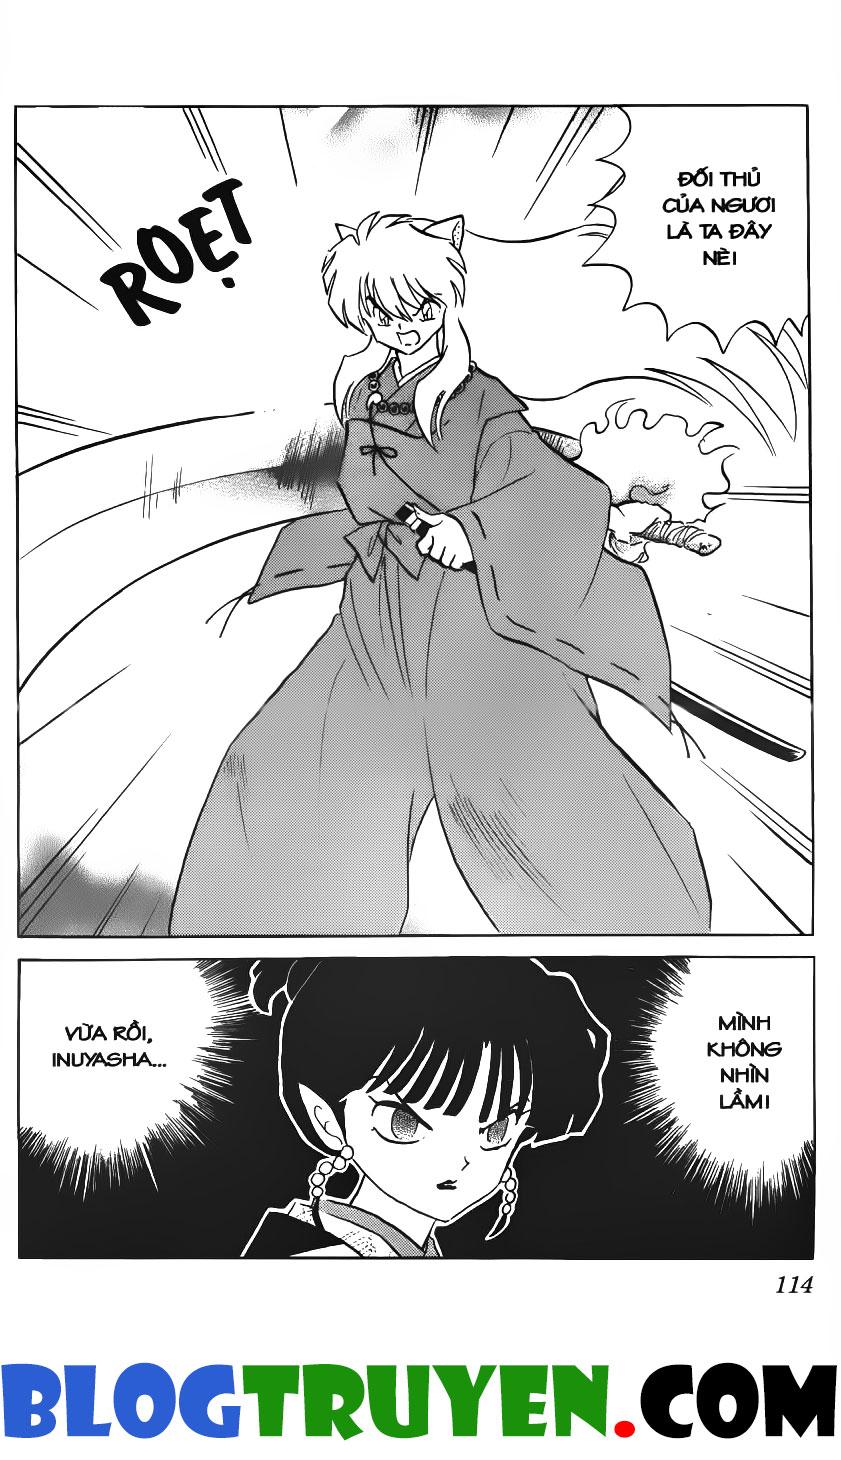 Inuyasha vol 21.6 trang 21